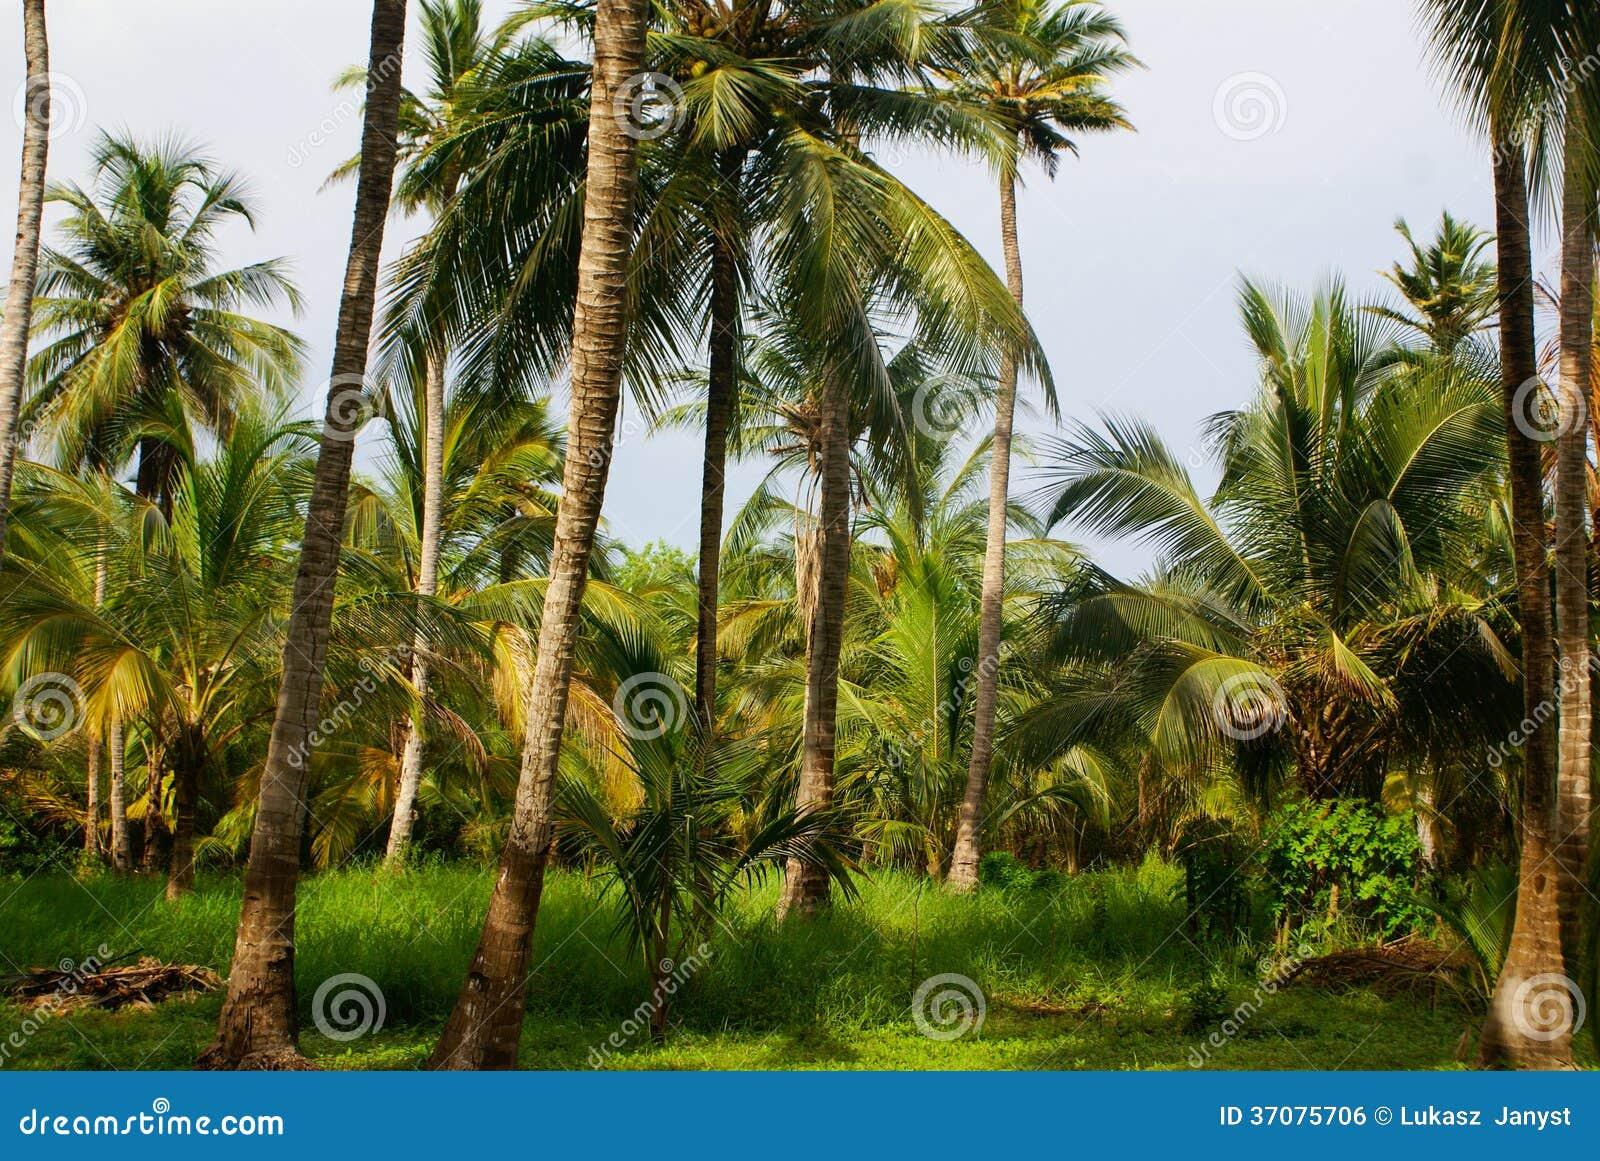 Download Zielony Palmowy Las W Kolumbijskiej Wyspie Mucura Zdjęcie Stock - Obraz złożonej z caribbean, morze: 37075706